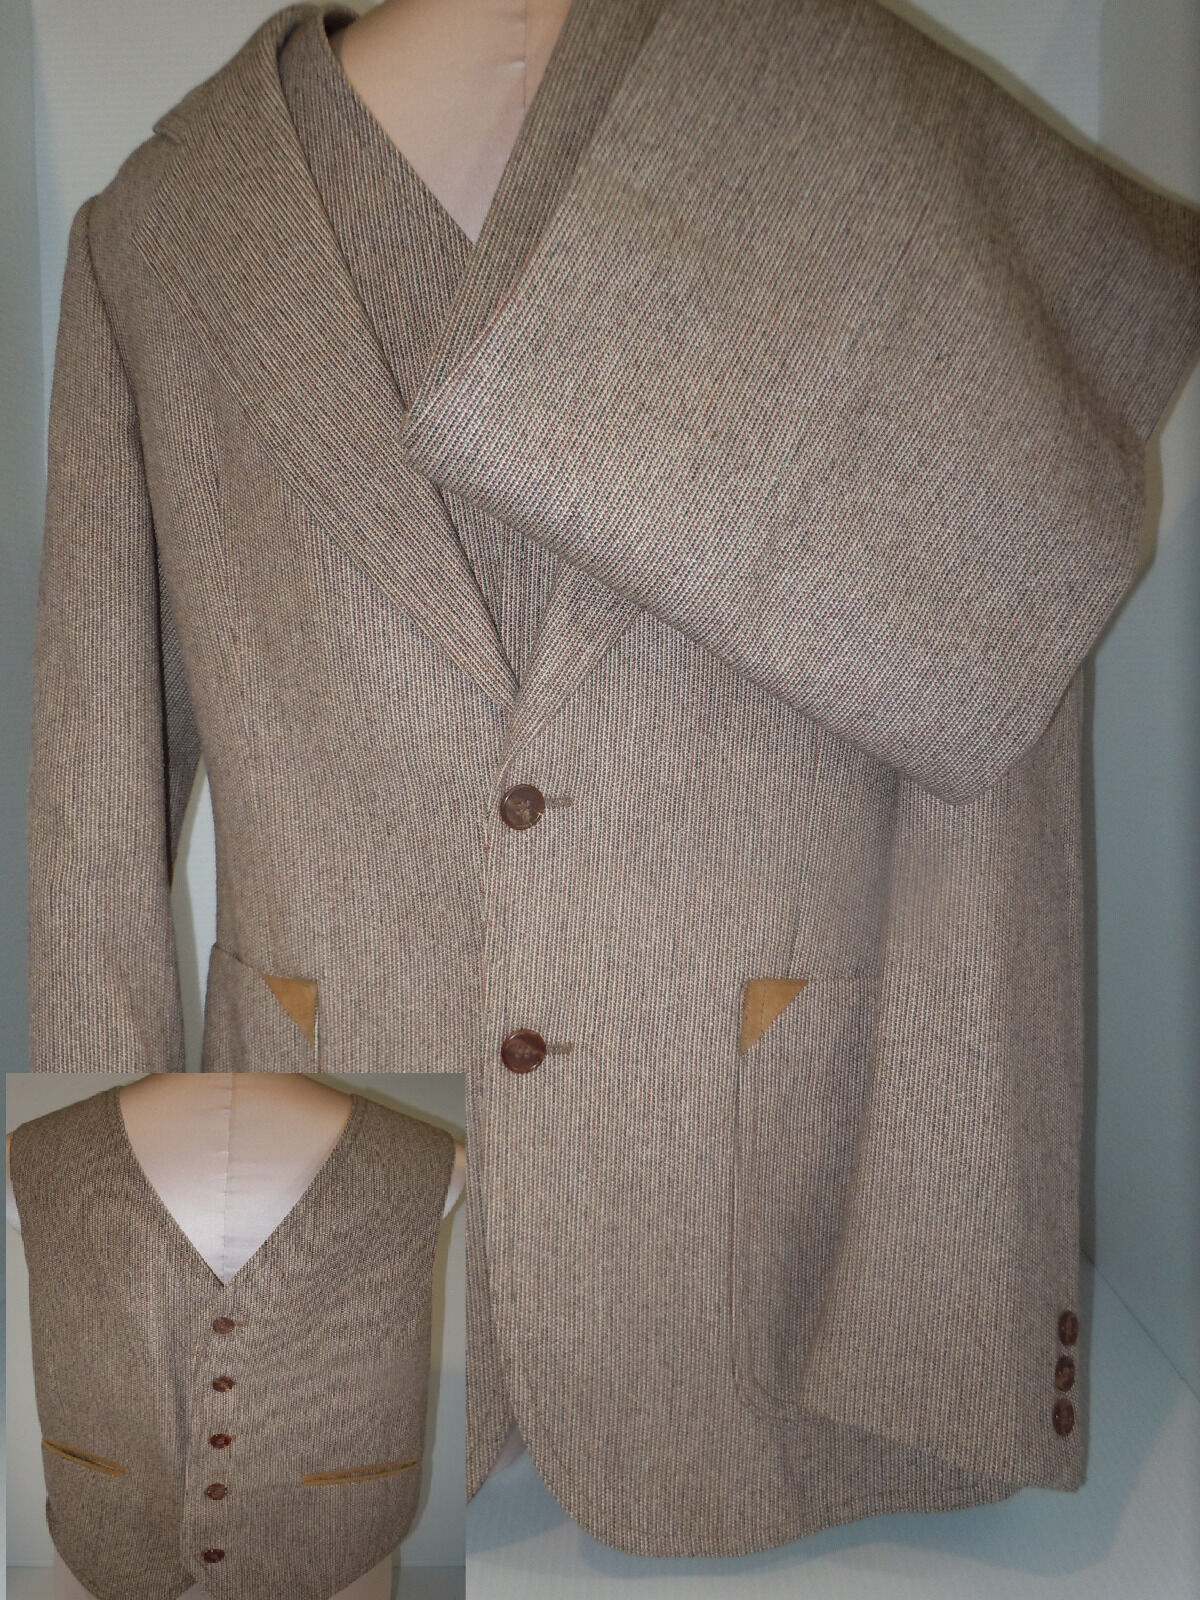 MEMBERS ONLY Mens Pant Suit Blazer Elbow Patch Vest Sz ECU 40 Beige USA 31 31